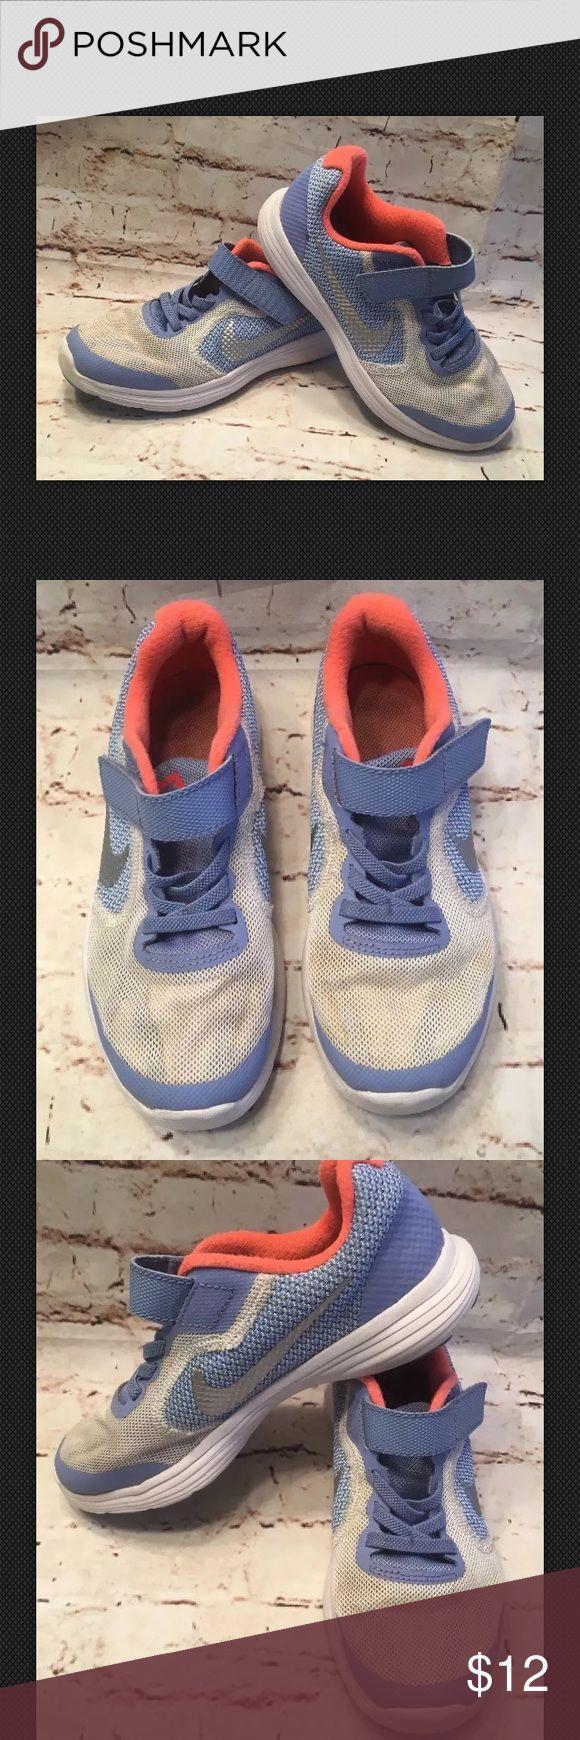 Girl's Nike Revolution 3 Athletic Running Shoe 13 Nike Revolution 3 Sz 13  Shoes show light wear. Nike Shoes Sneakers